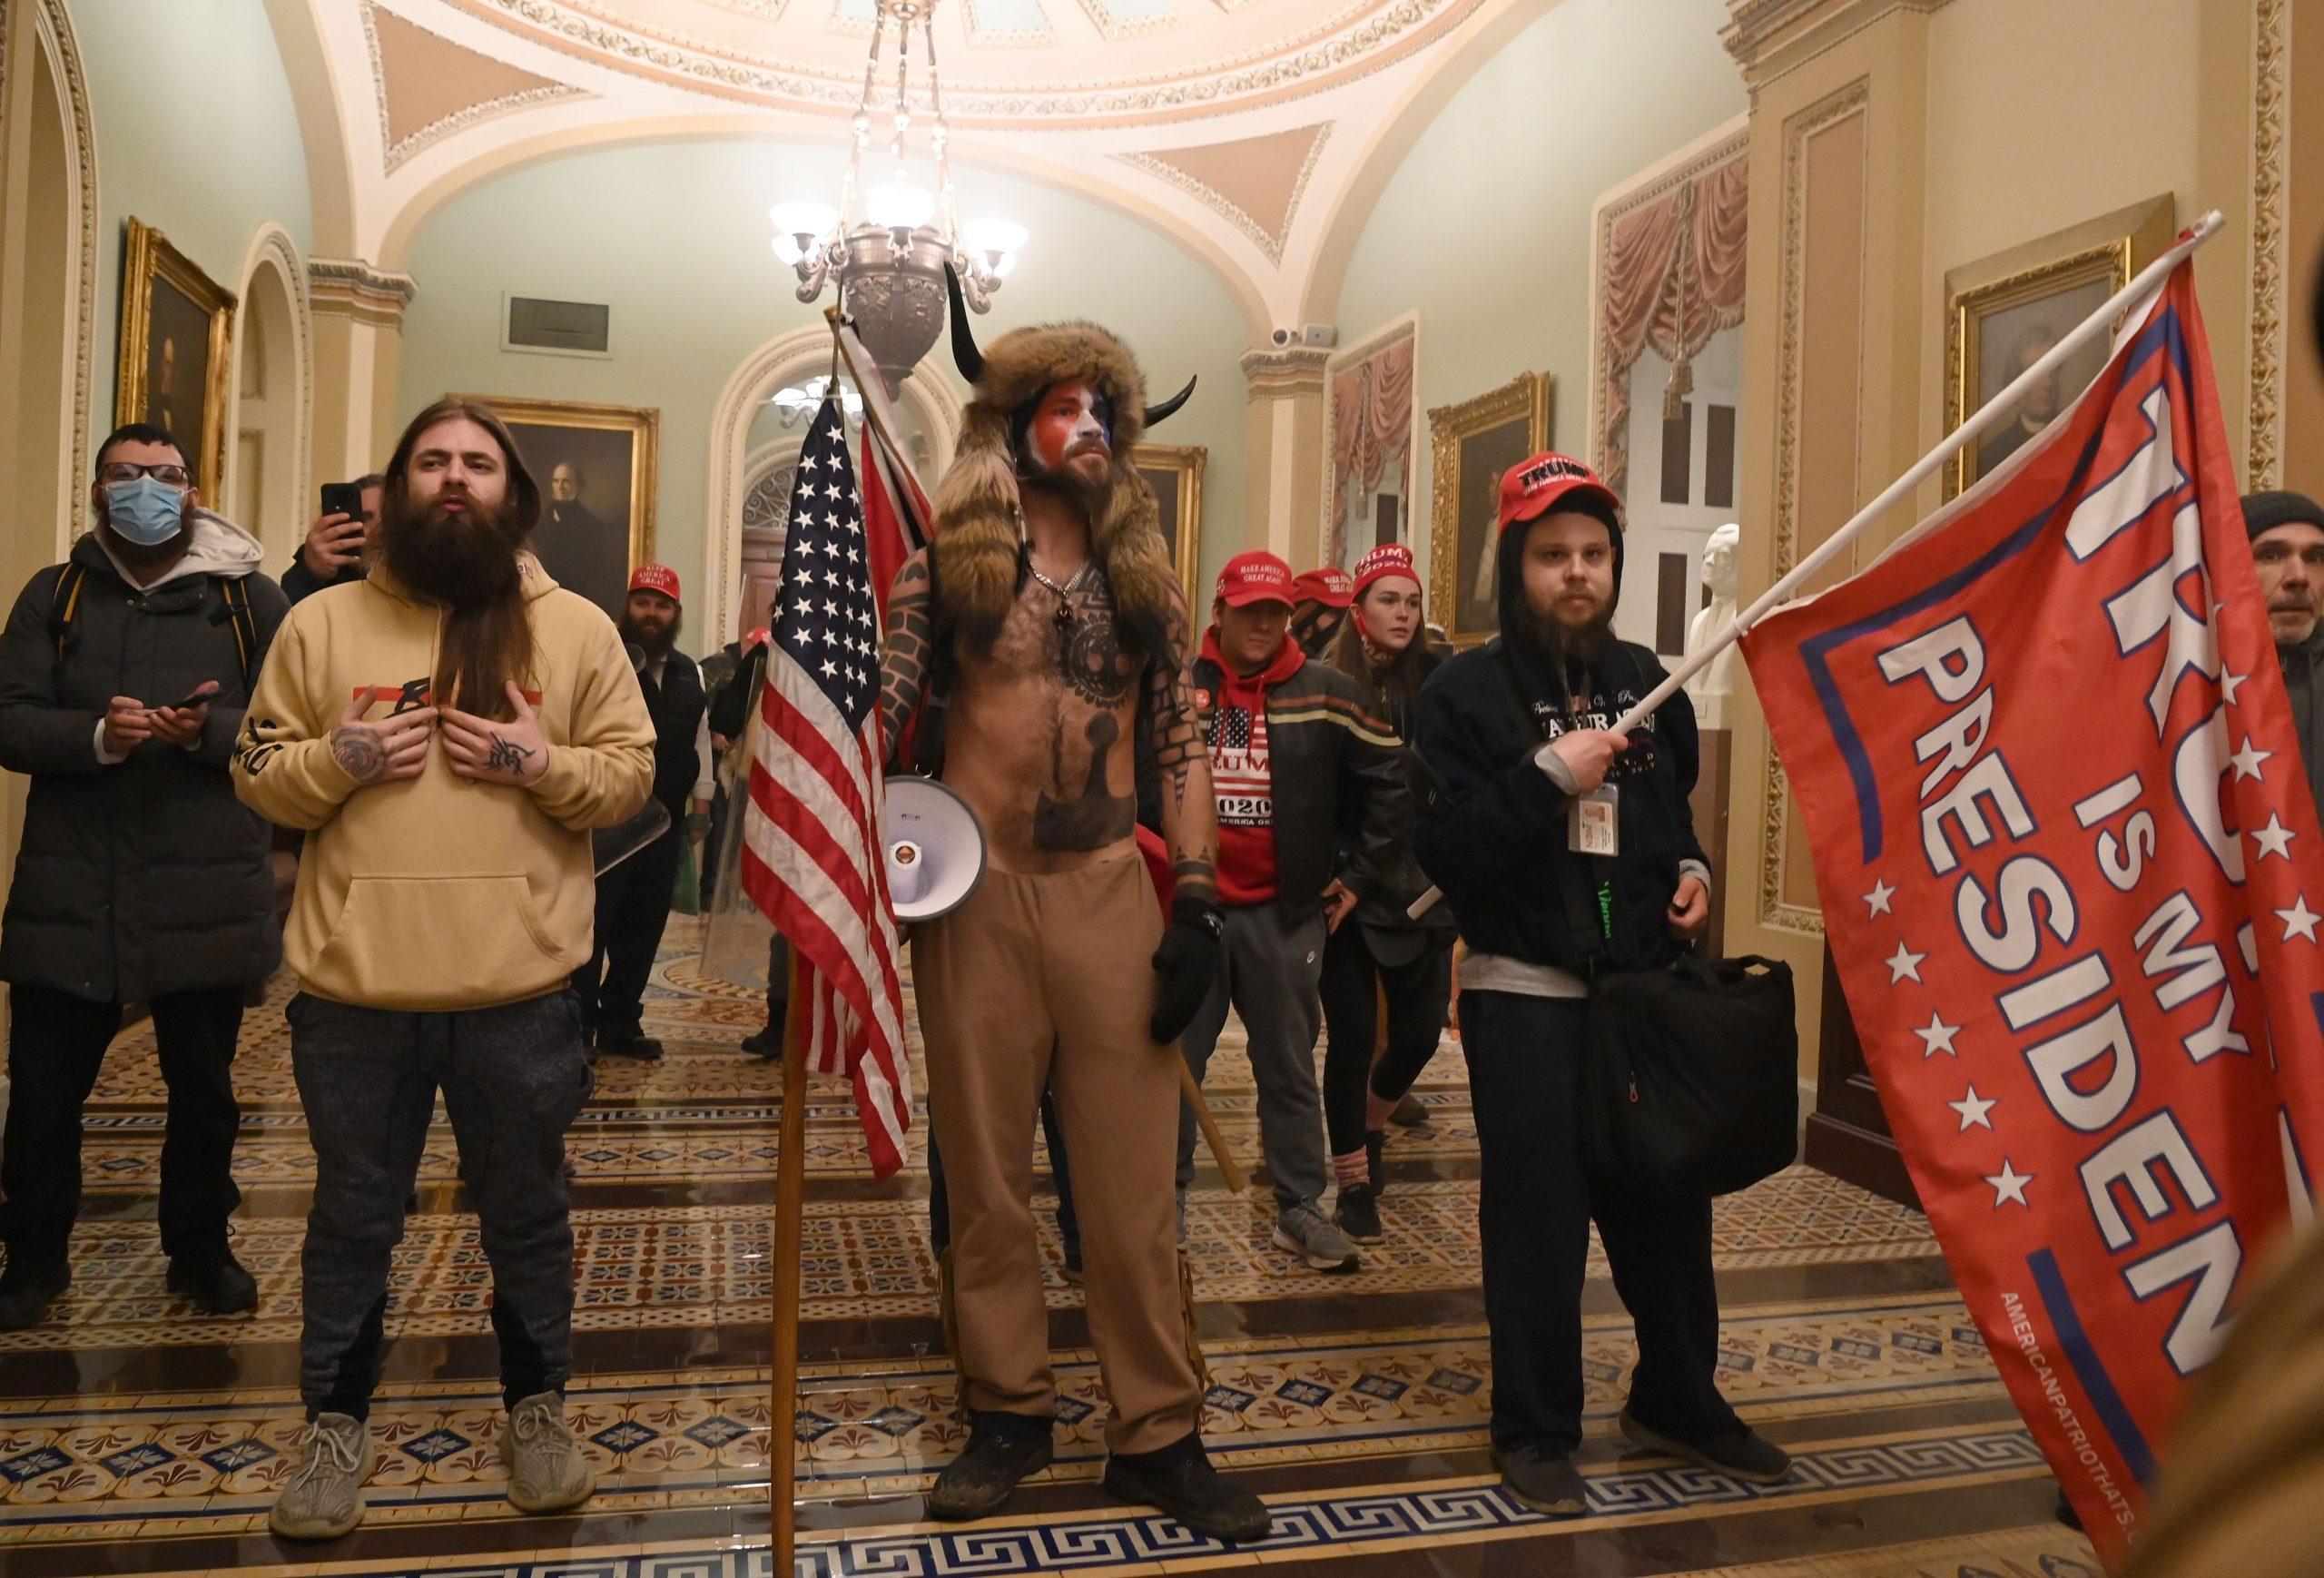 VIDEOS + BILDER: Was geschah am 6. Januar in Washington? Rally – Auszählungsstopp – Eindringlinge im Capitol